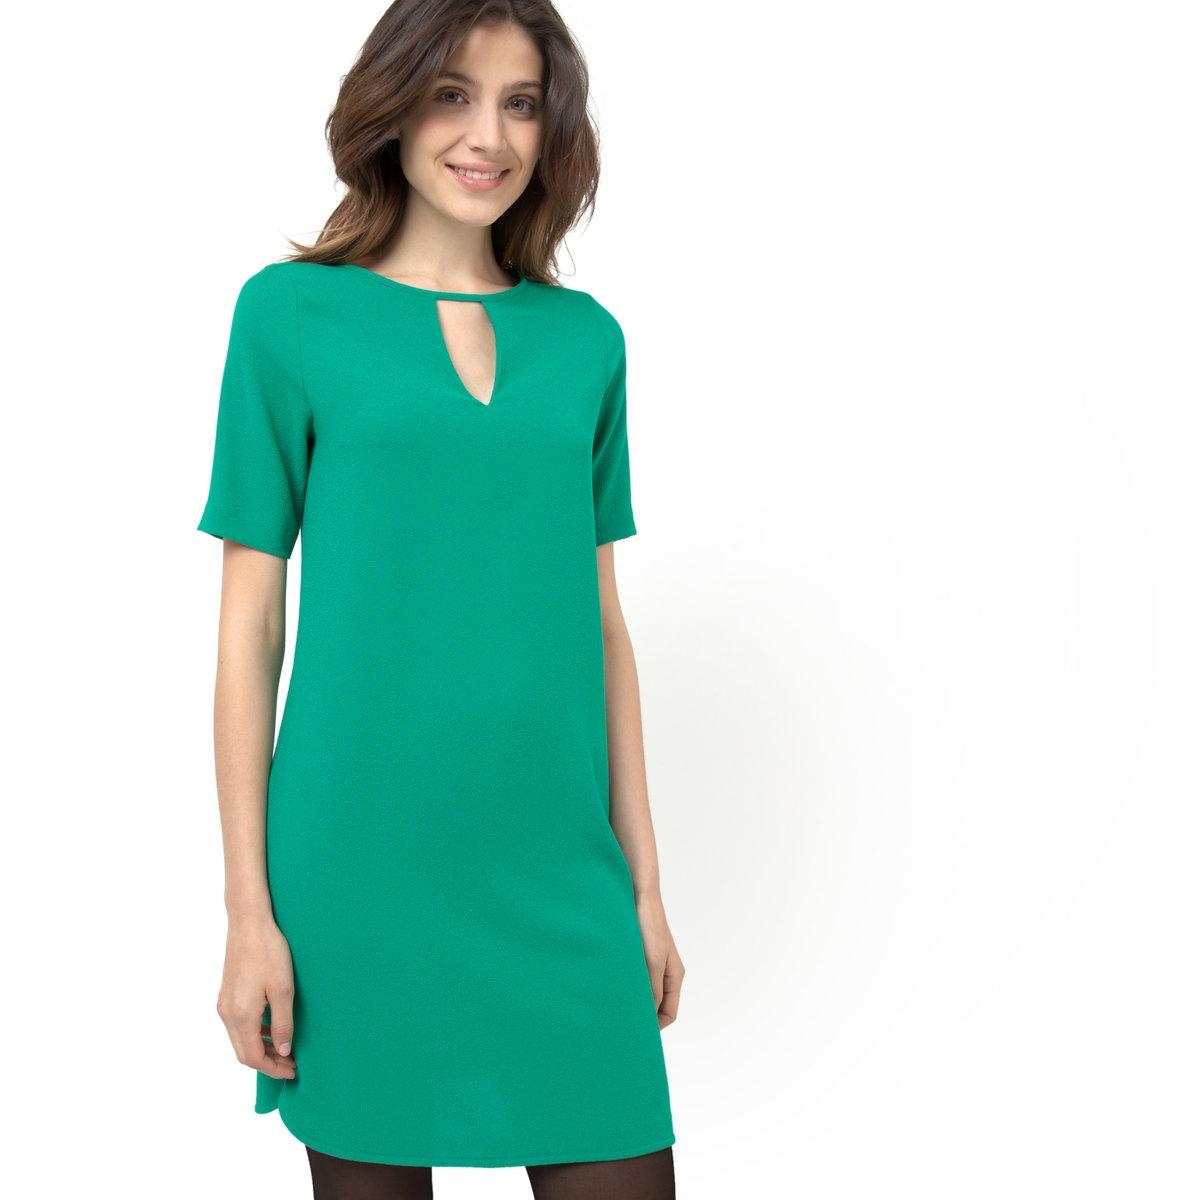 Платье прямоеПрямое платье. Круглый вырез с V-образным разрезом. Короткие рукава и прямой низ. Боковые разрезы внизу. 100% полиэстера. Длина. 89 см.    (Рекомендуется выбирать на один размер меньше Вашего обычного размера).<br><br>Цвет: зеленый<br>Размер: 48 (FR) - 54 (RUS).42 (FR) - 48 (RUS).44 (FR) - 50 (RUS).46 (FR) - 52 (RUS)